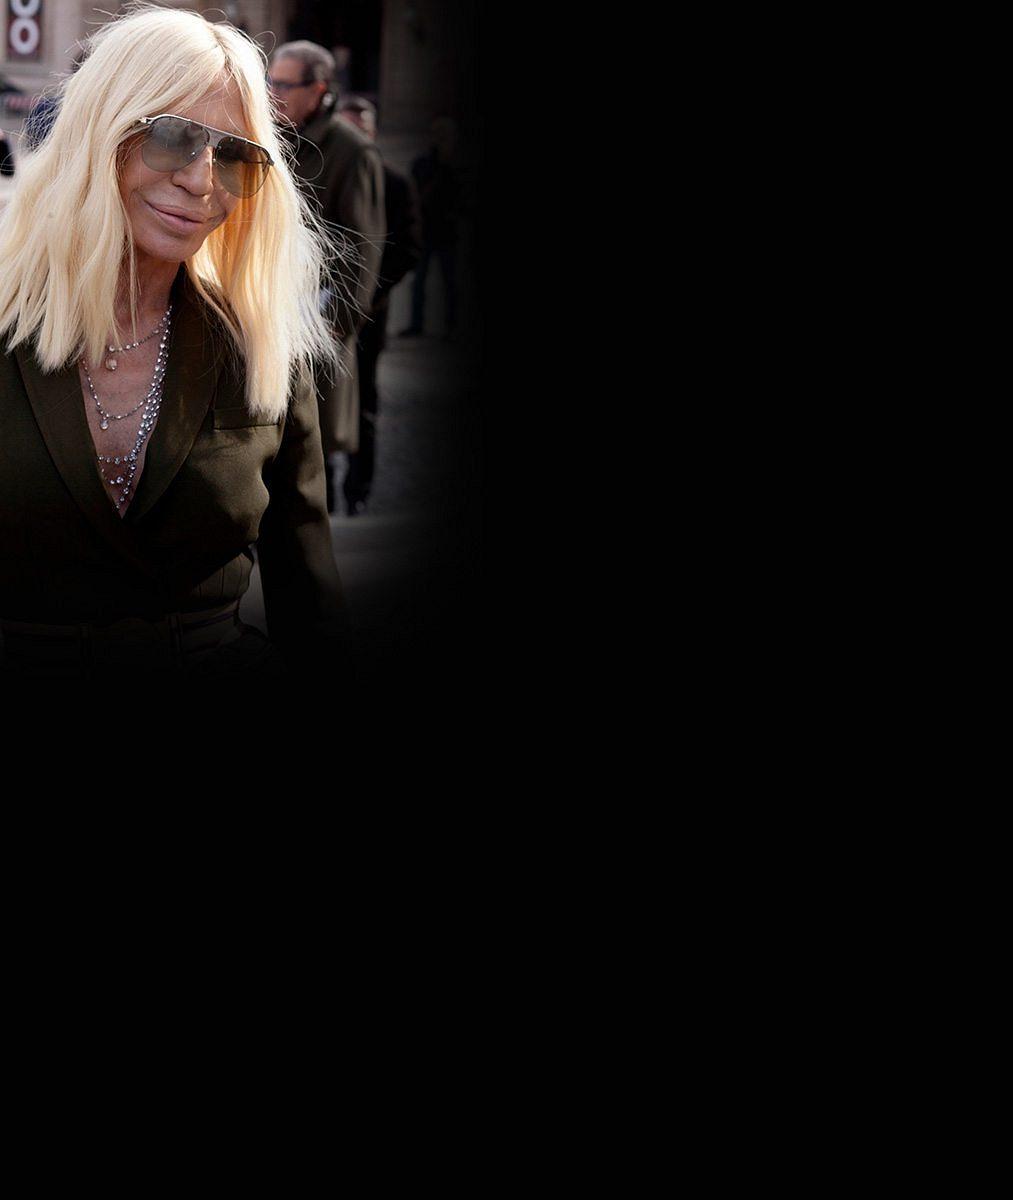 Donatella Versace ukázala všedesáti své tenké nožky vmini